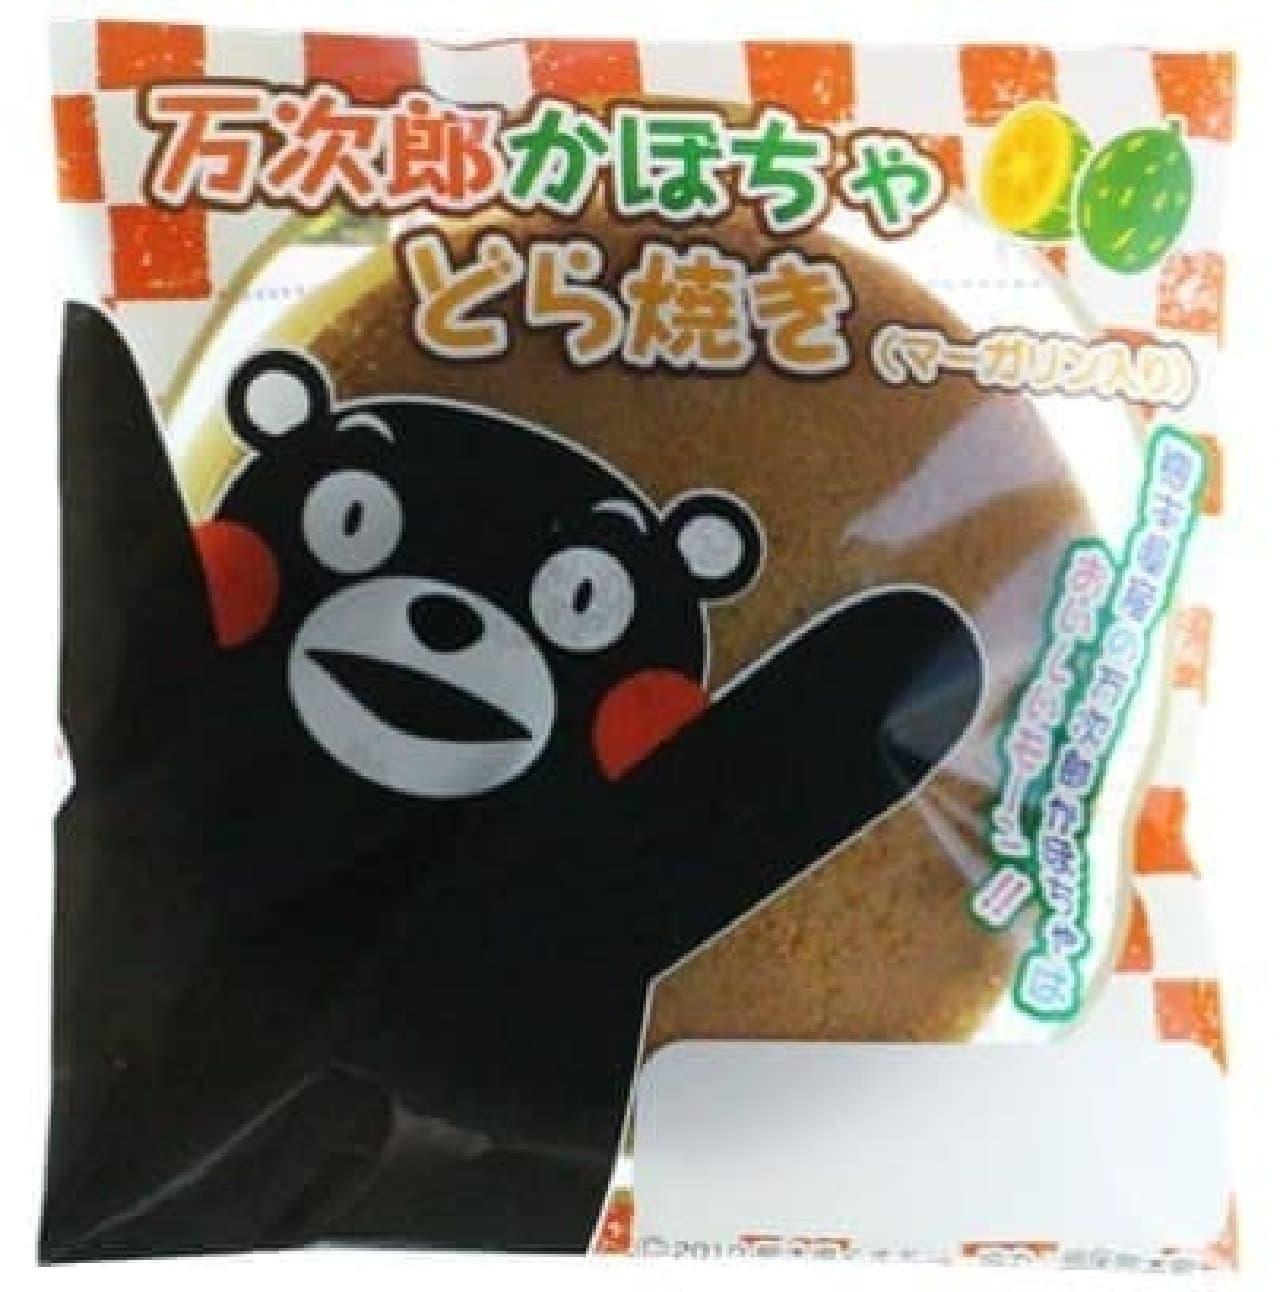 「万次郎かぼちゃどら焼き」